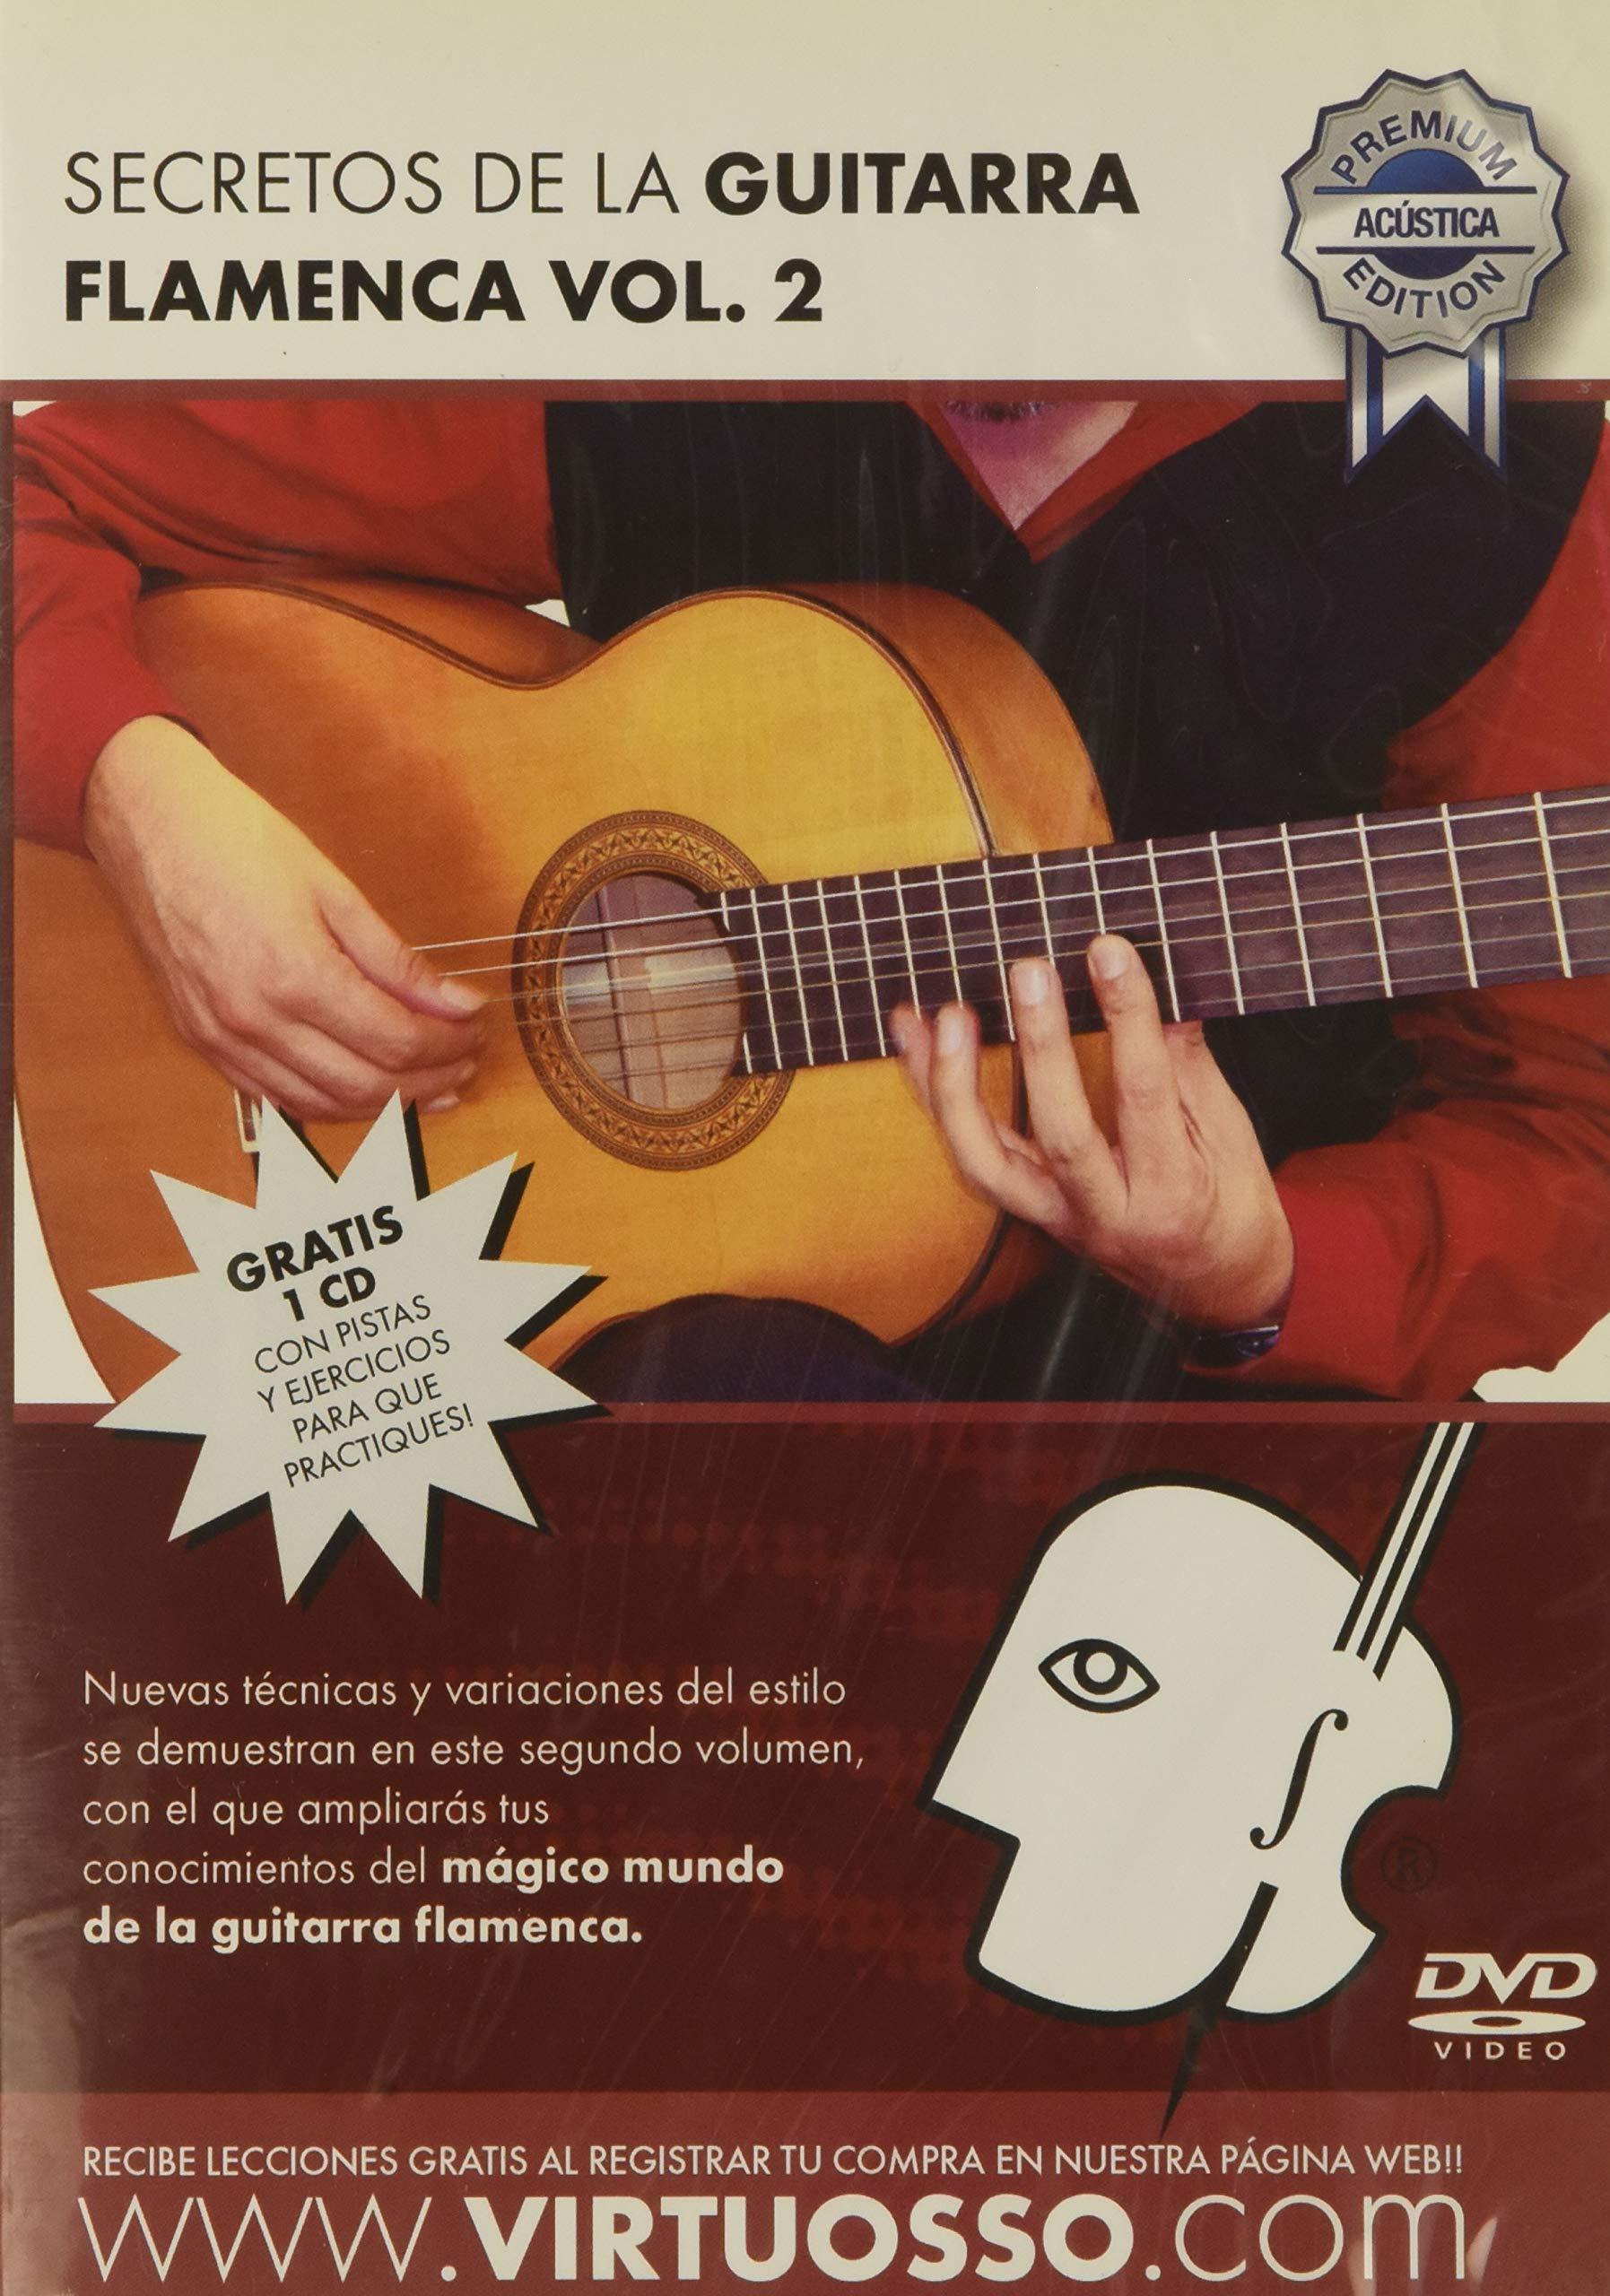 Virtuosso Flamenco Guitar Method Vol.2 (Curso De Guitarra Flamenca Vol.2) SPANISH ONLY